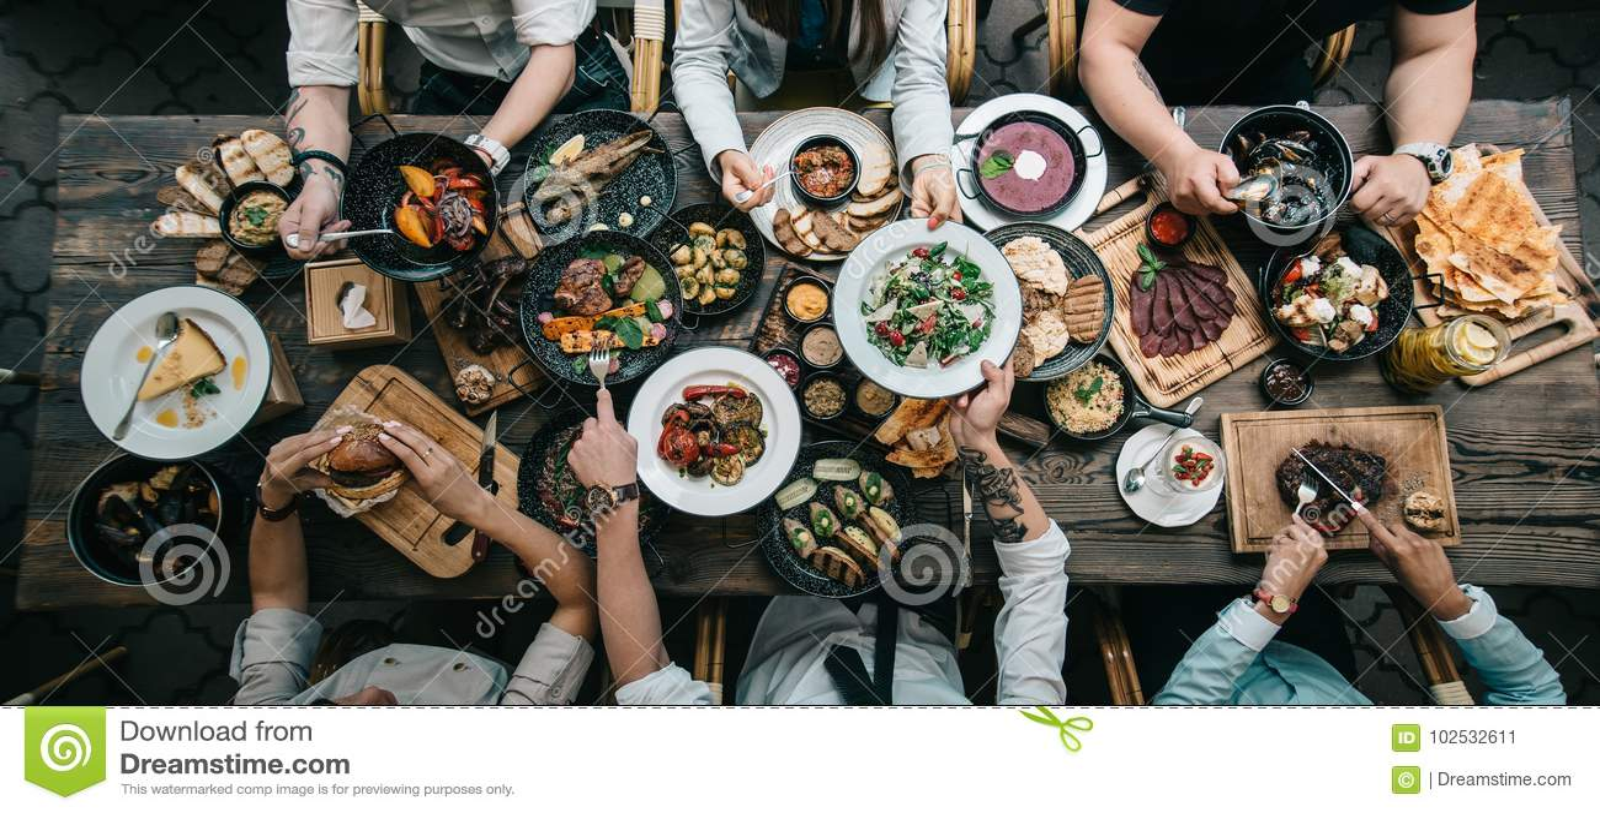 Drewniany stół z jedzeniem, odgórny widok